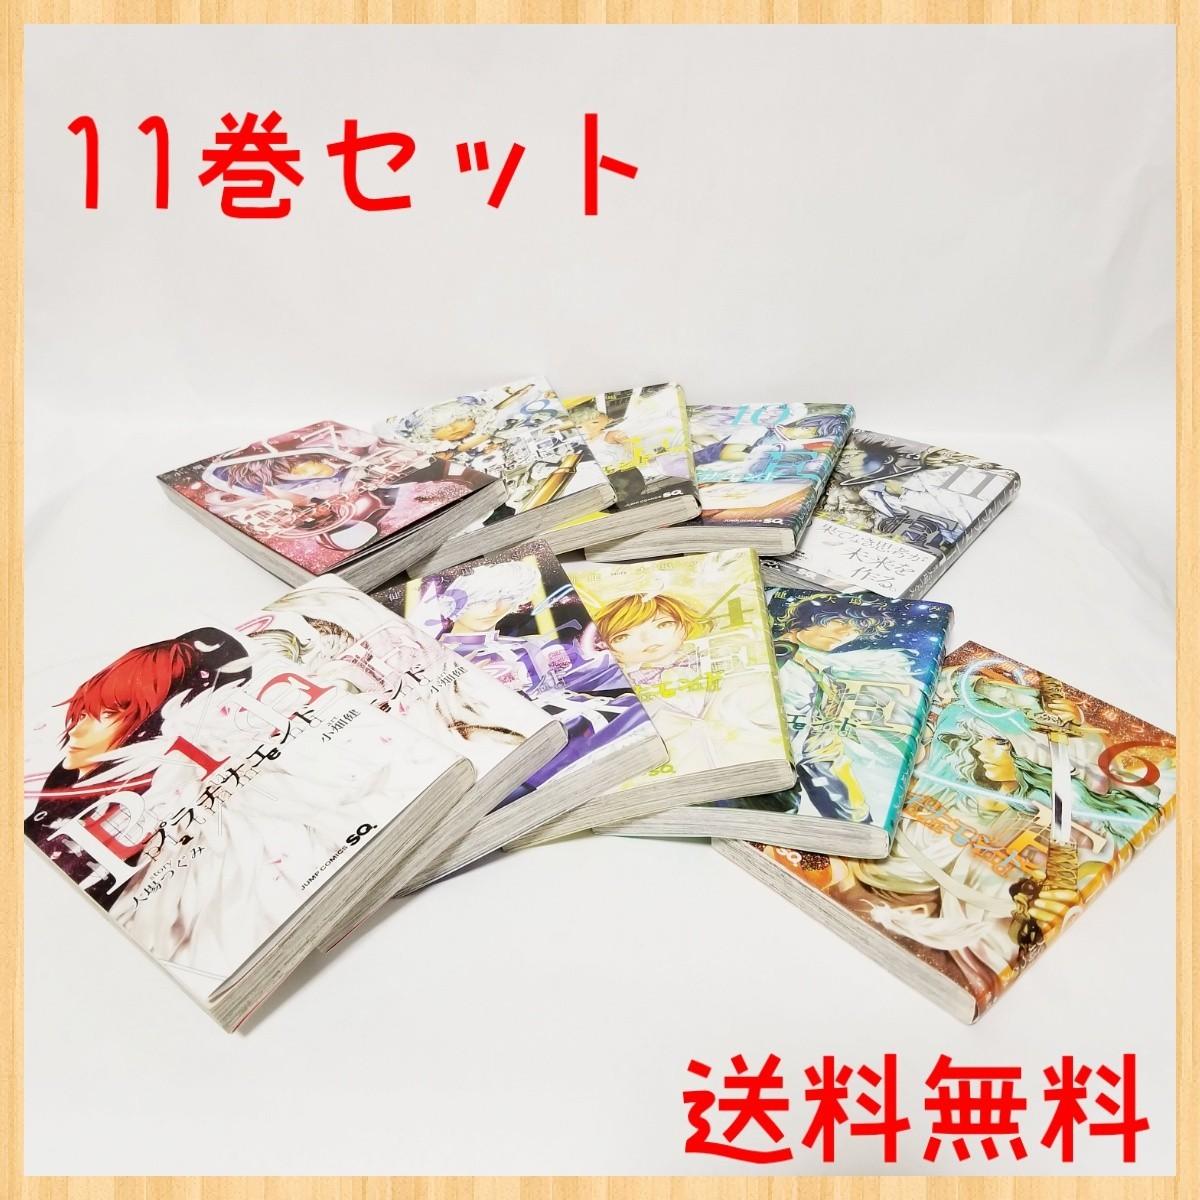 【まとめ売り】 プラチナエンド 11巻セット